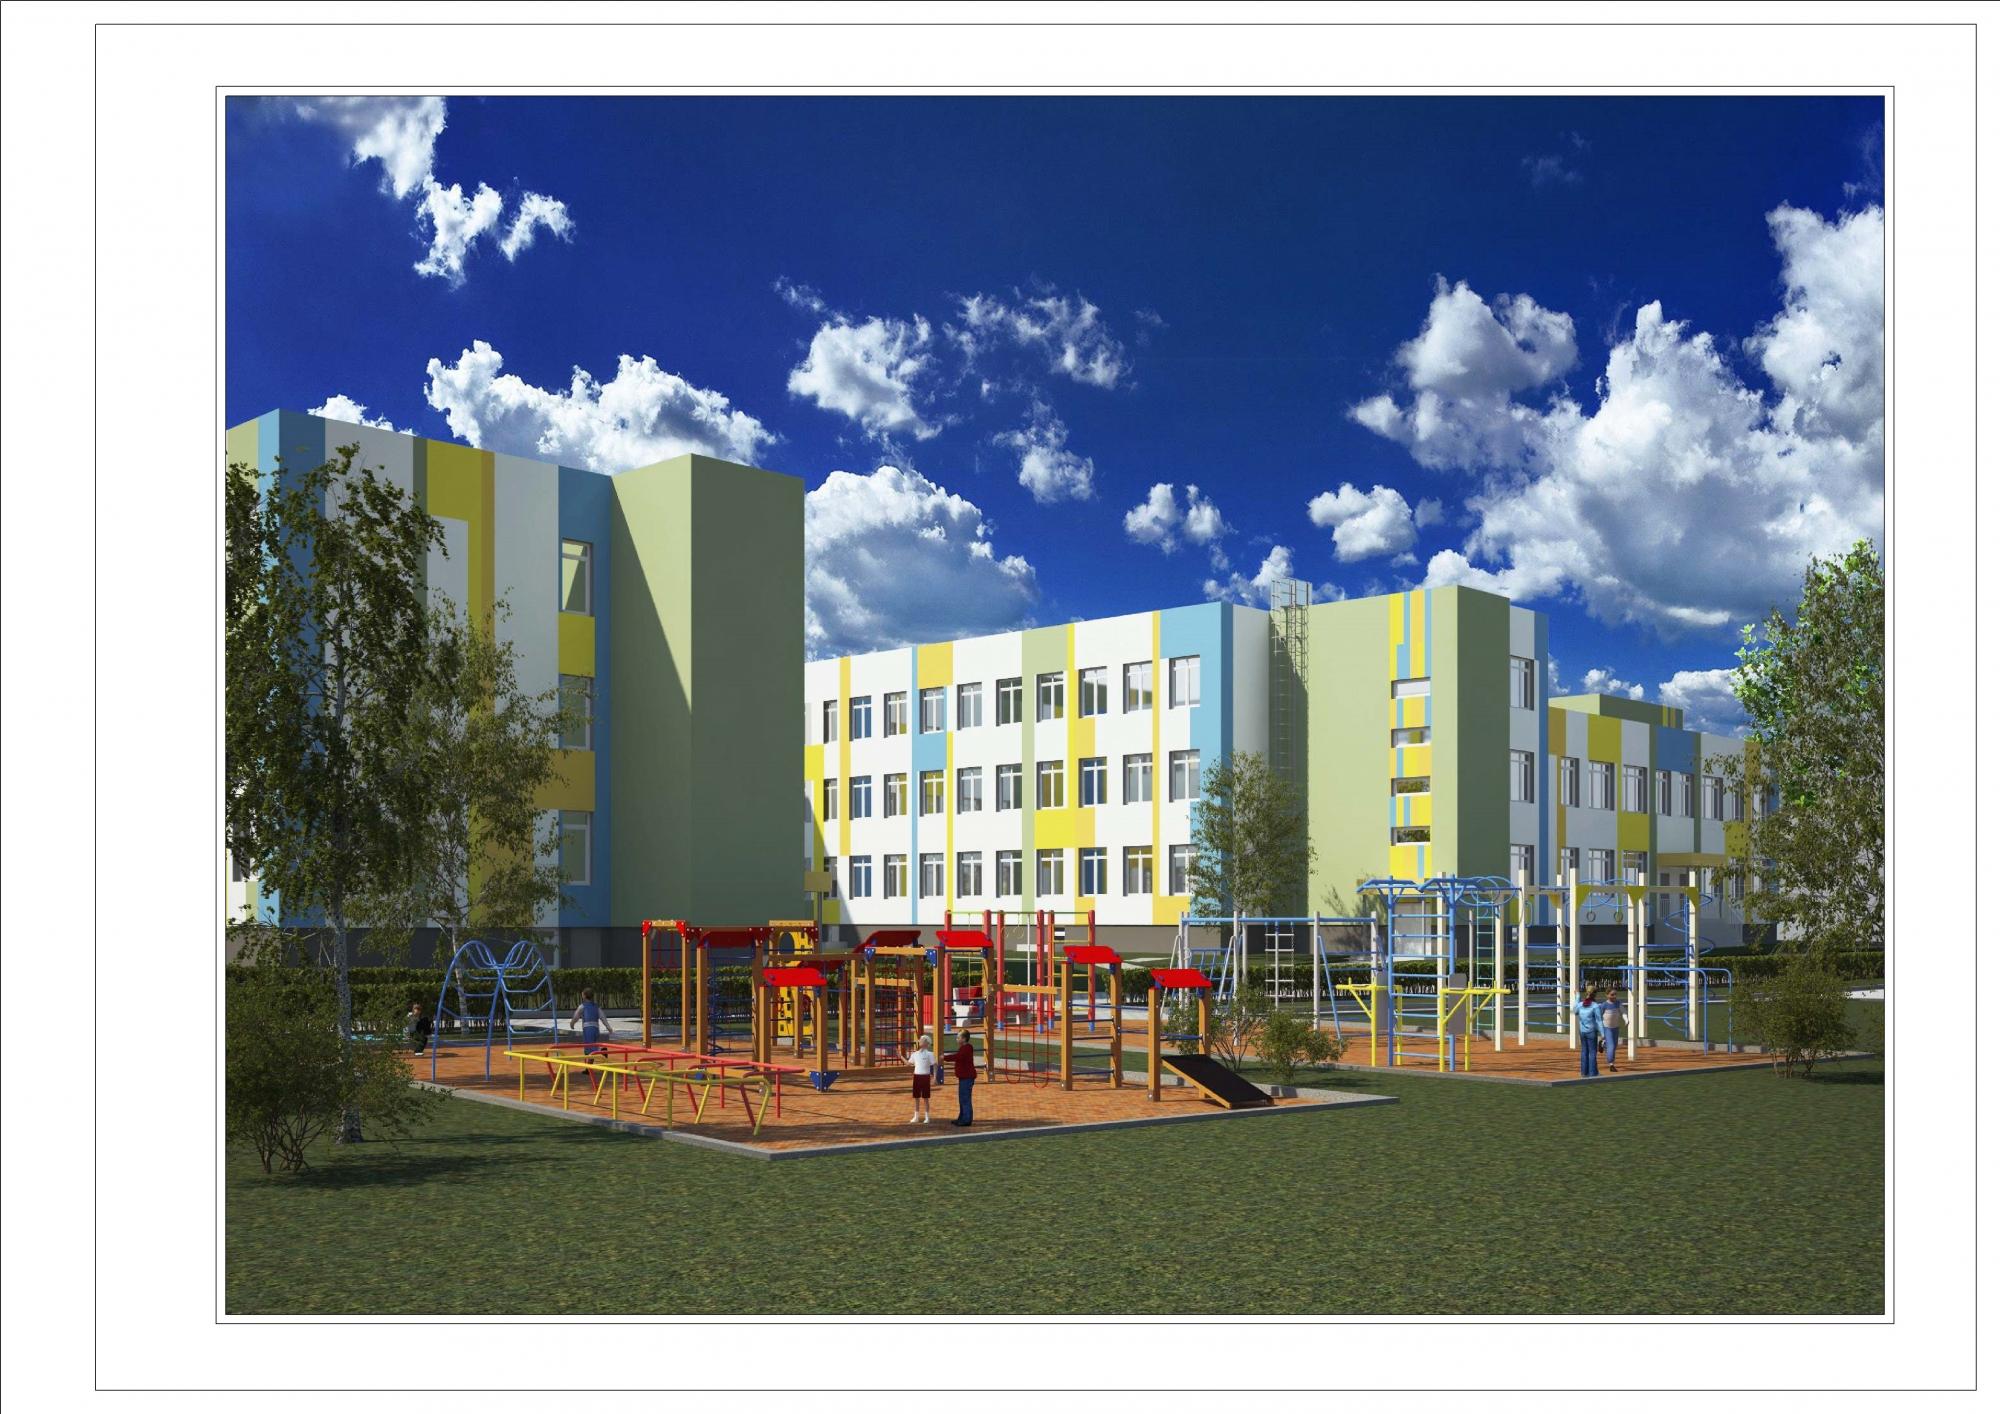 Настроительство школы вновом волгоградском микрорайоне выделили 447 млн субсидии